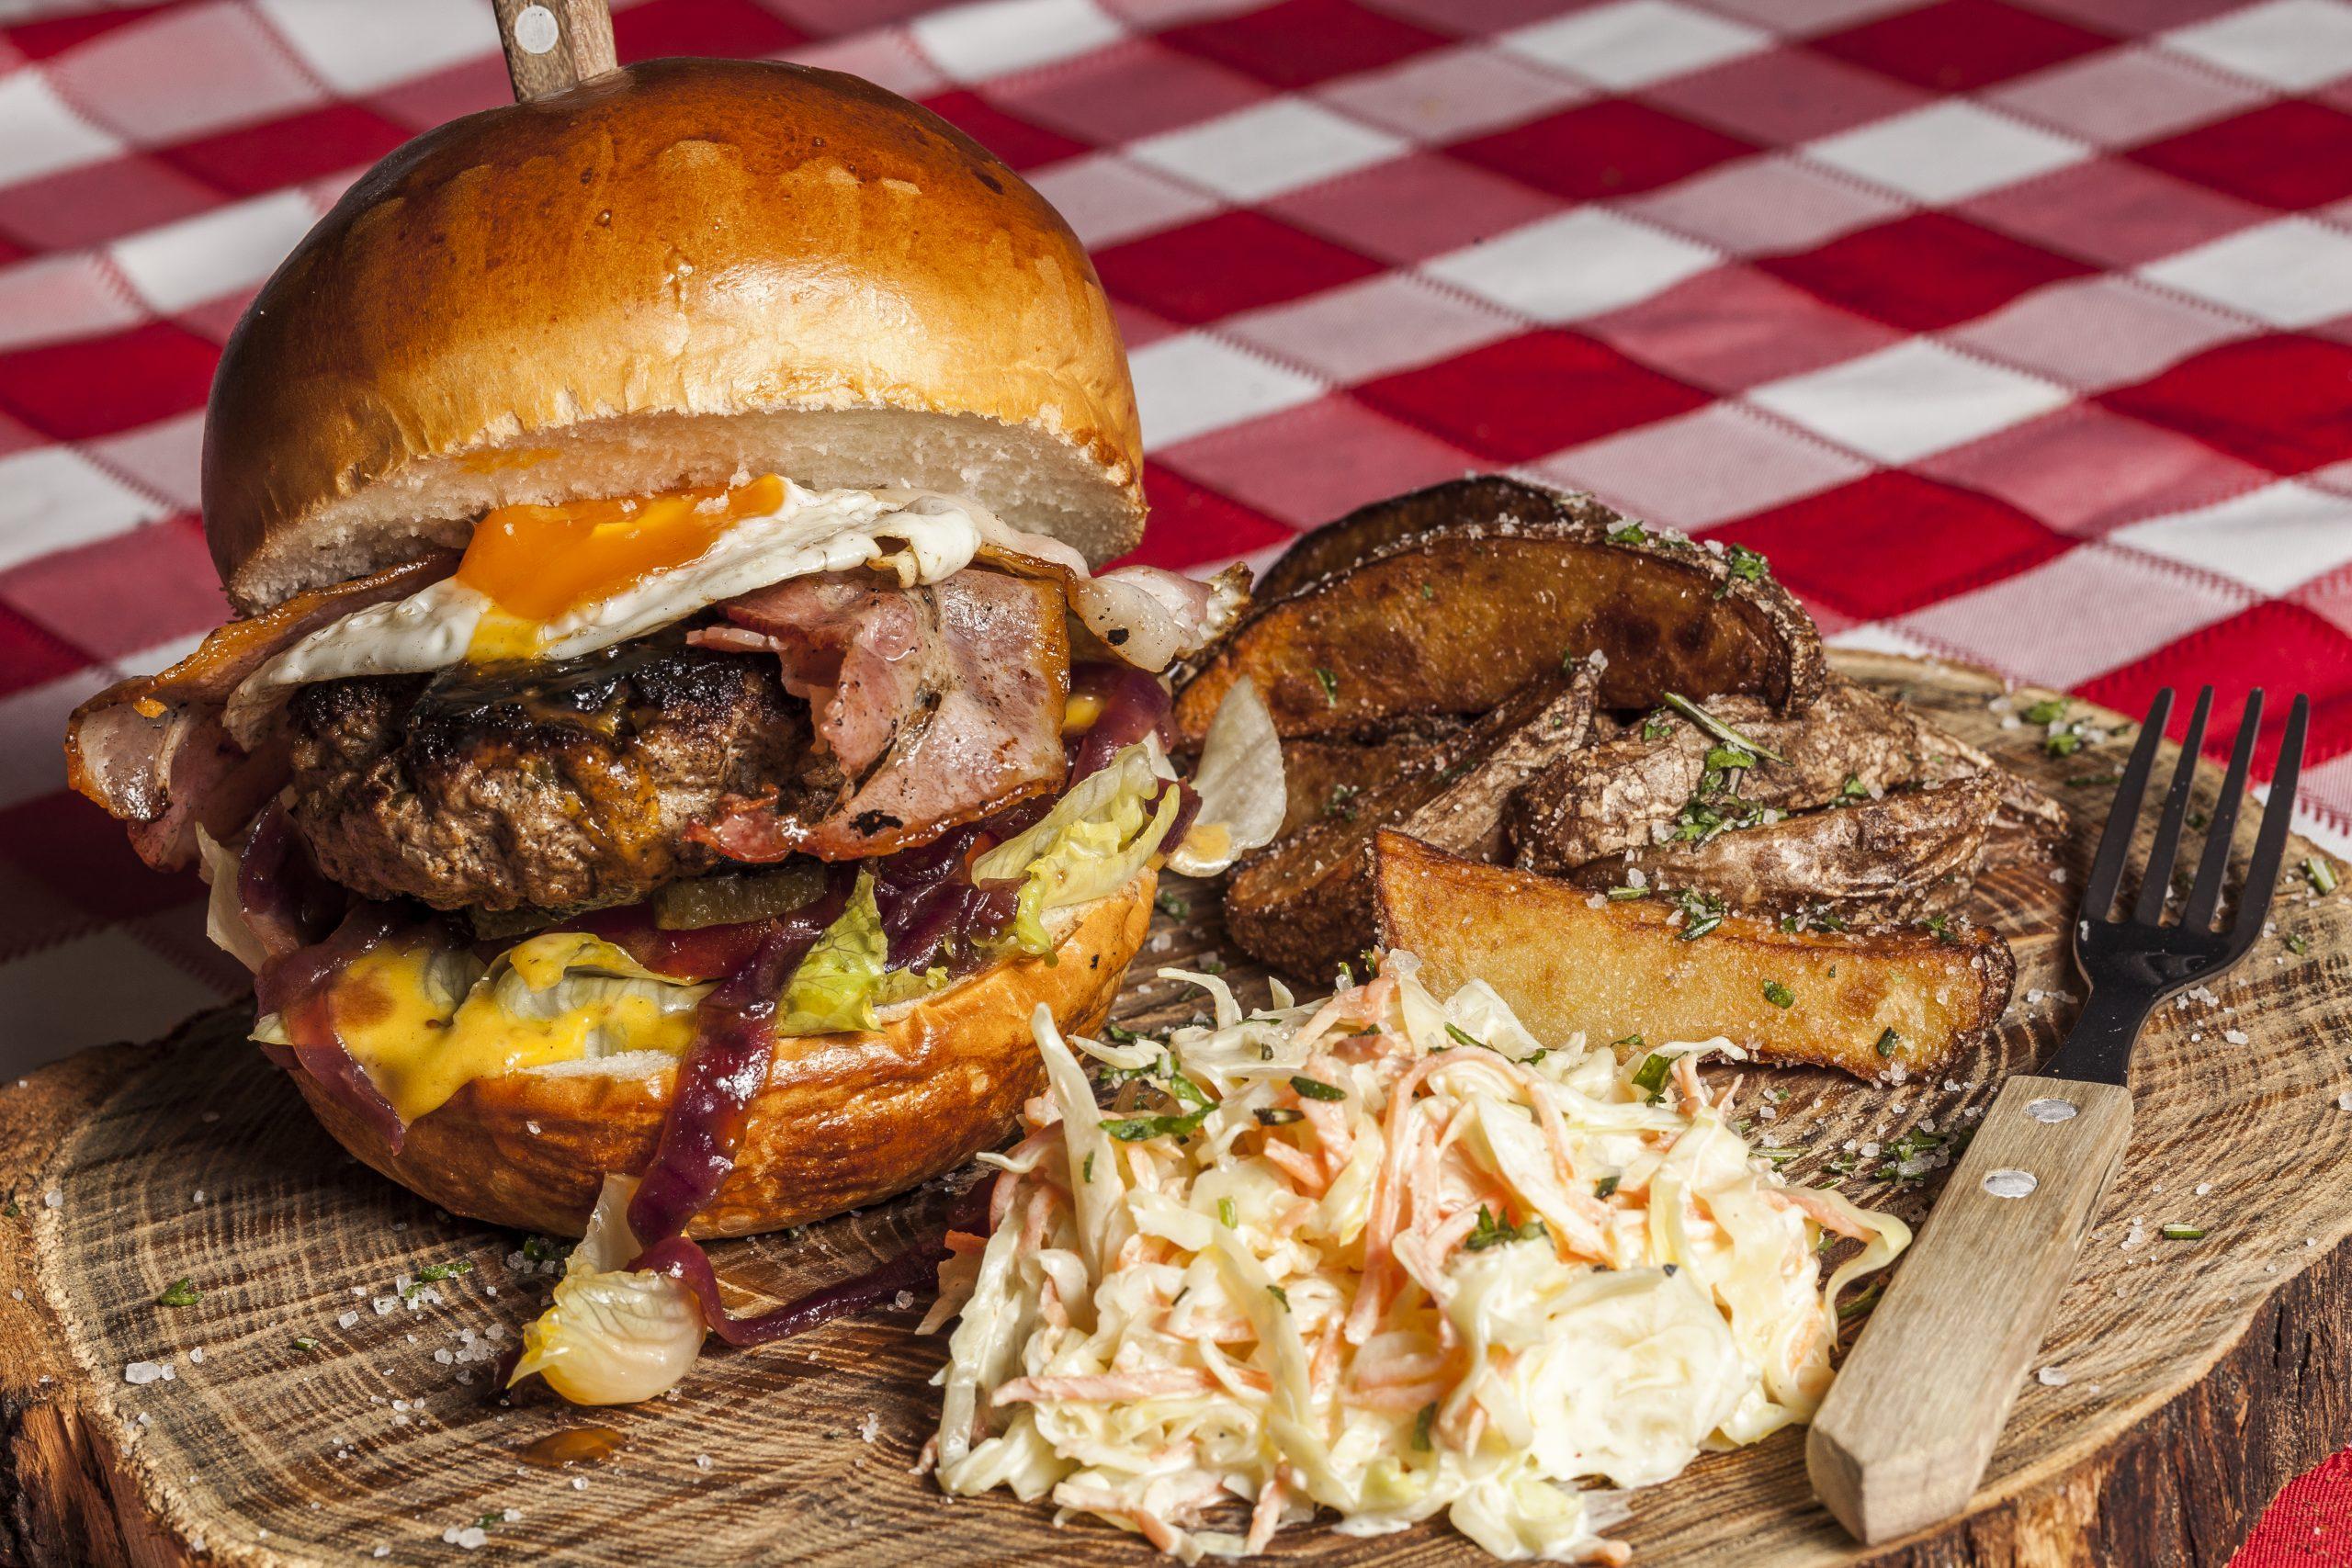 Manger trop gras : quels sont les risques?